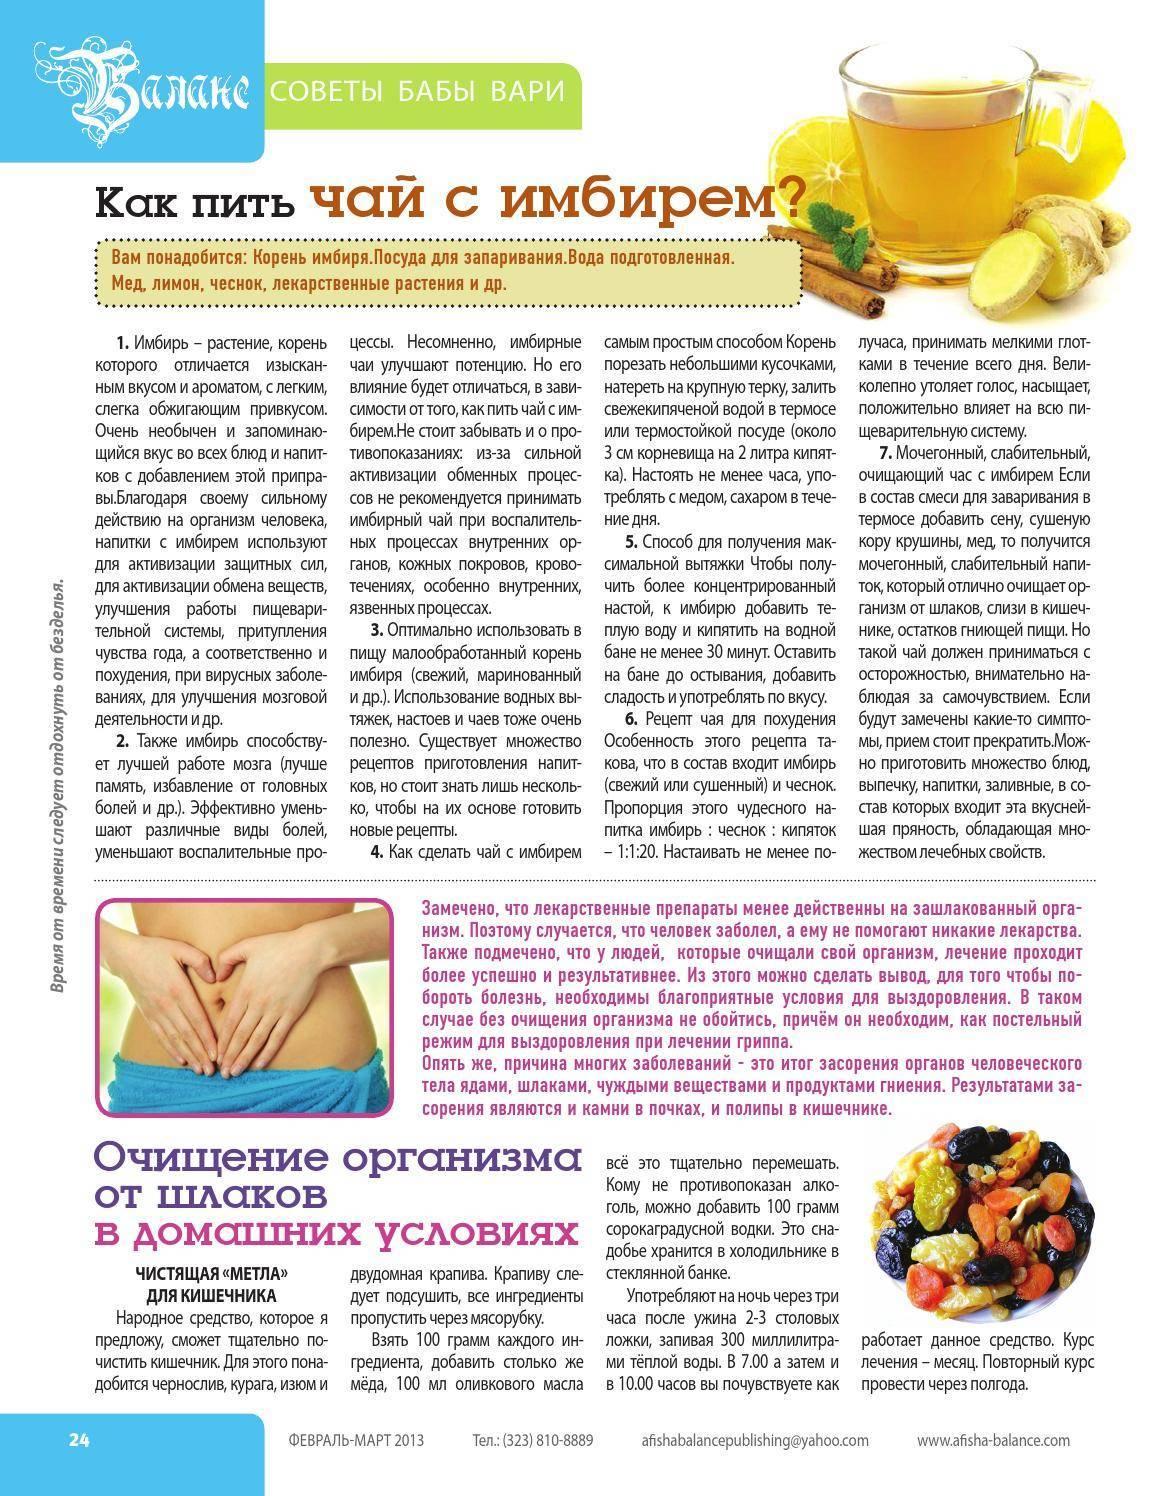 Имбирь для похудения: рецепты средств иправила ихприема